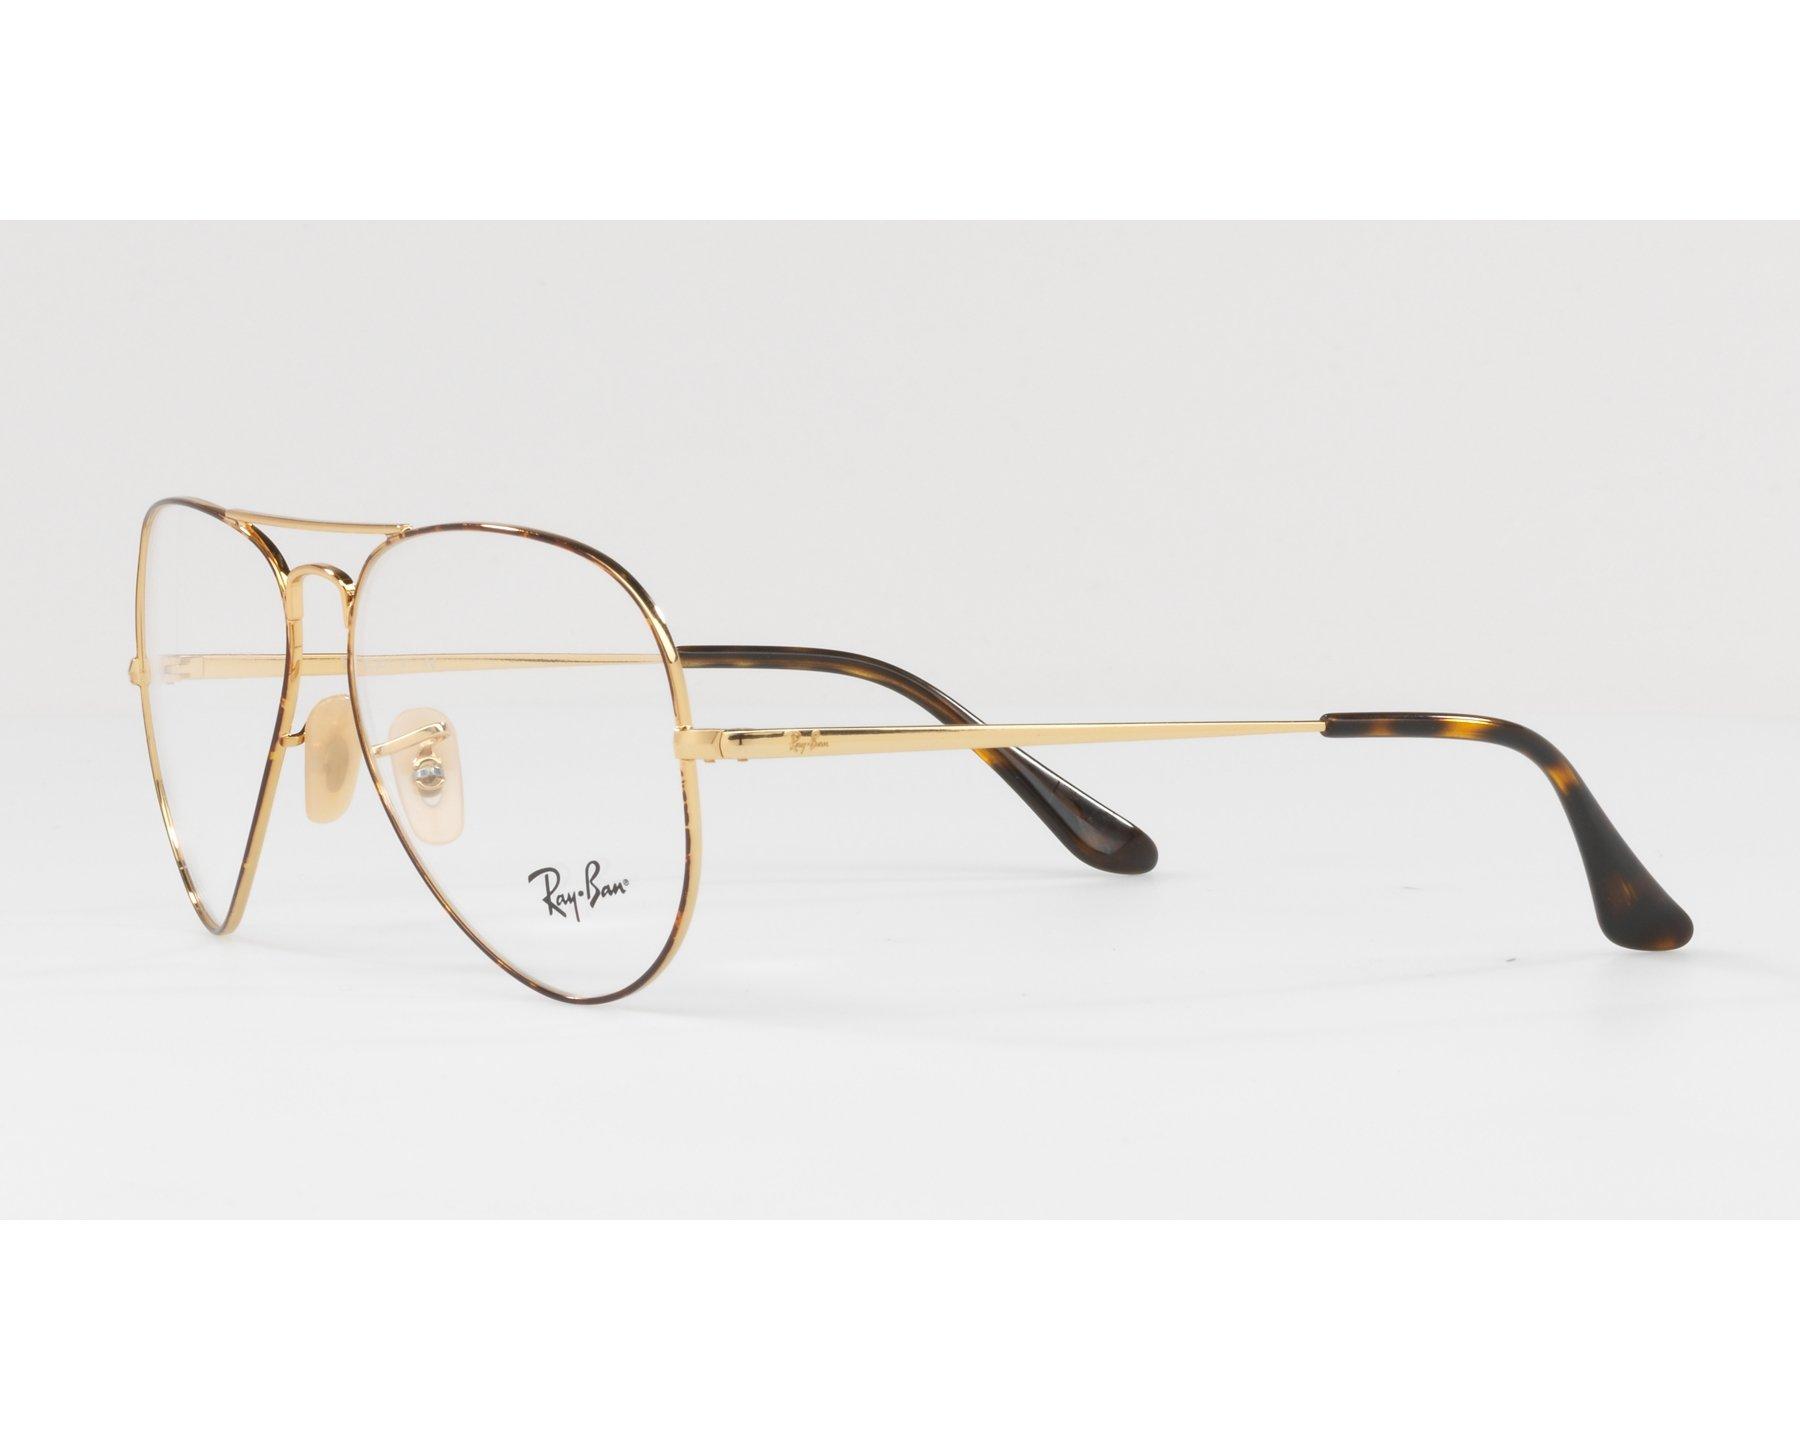 a9fafe2458 Gafas Graduadas Ray-Ban RX-6489 2945 55-14 Havana Oro Vista de